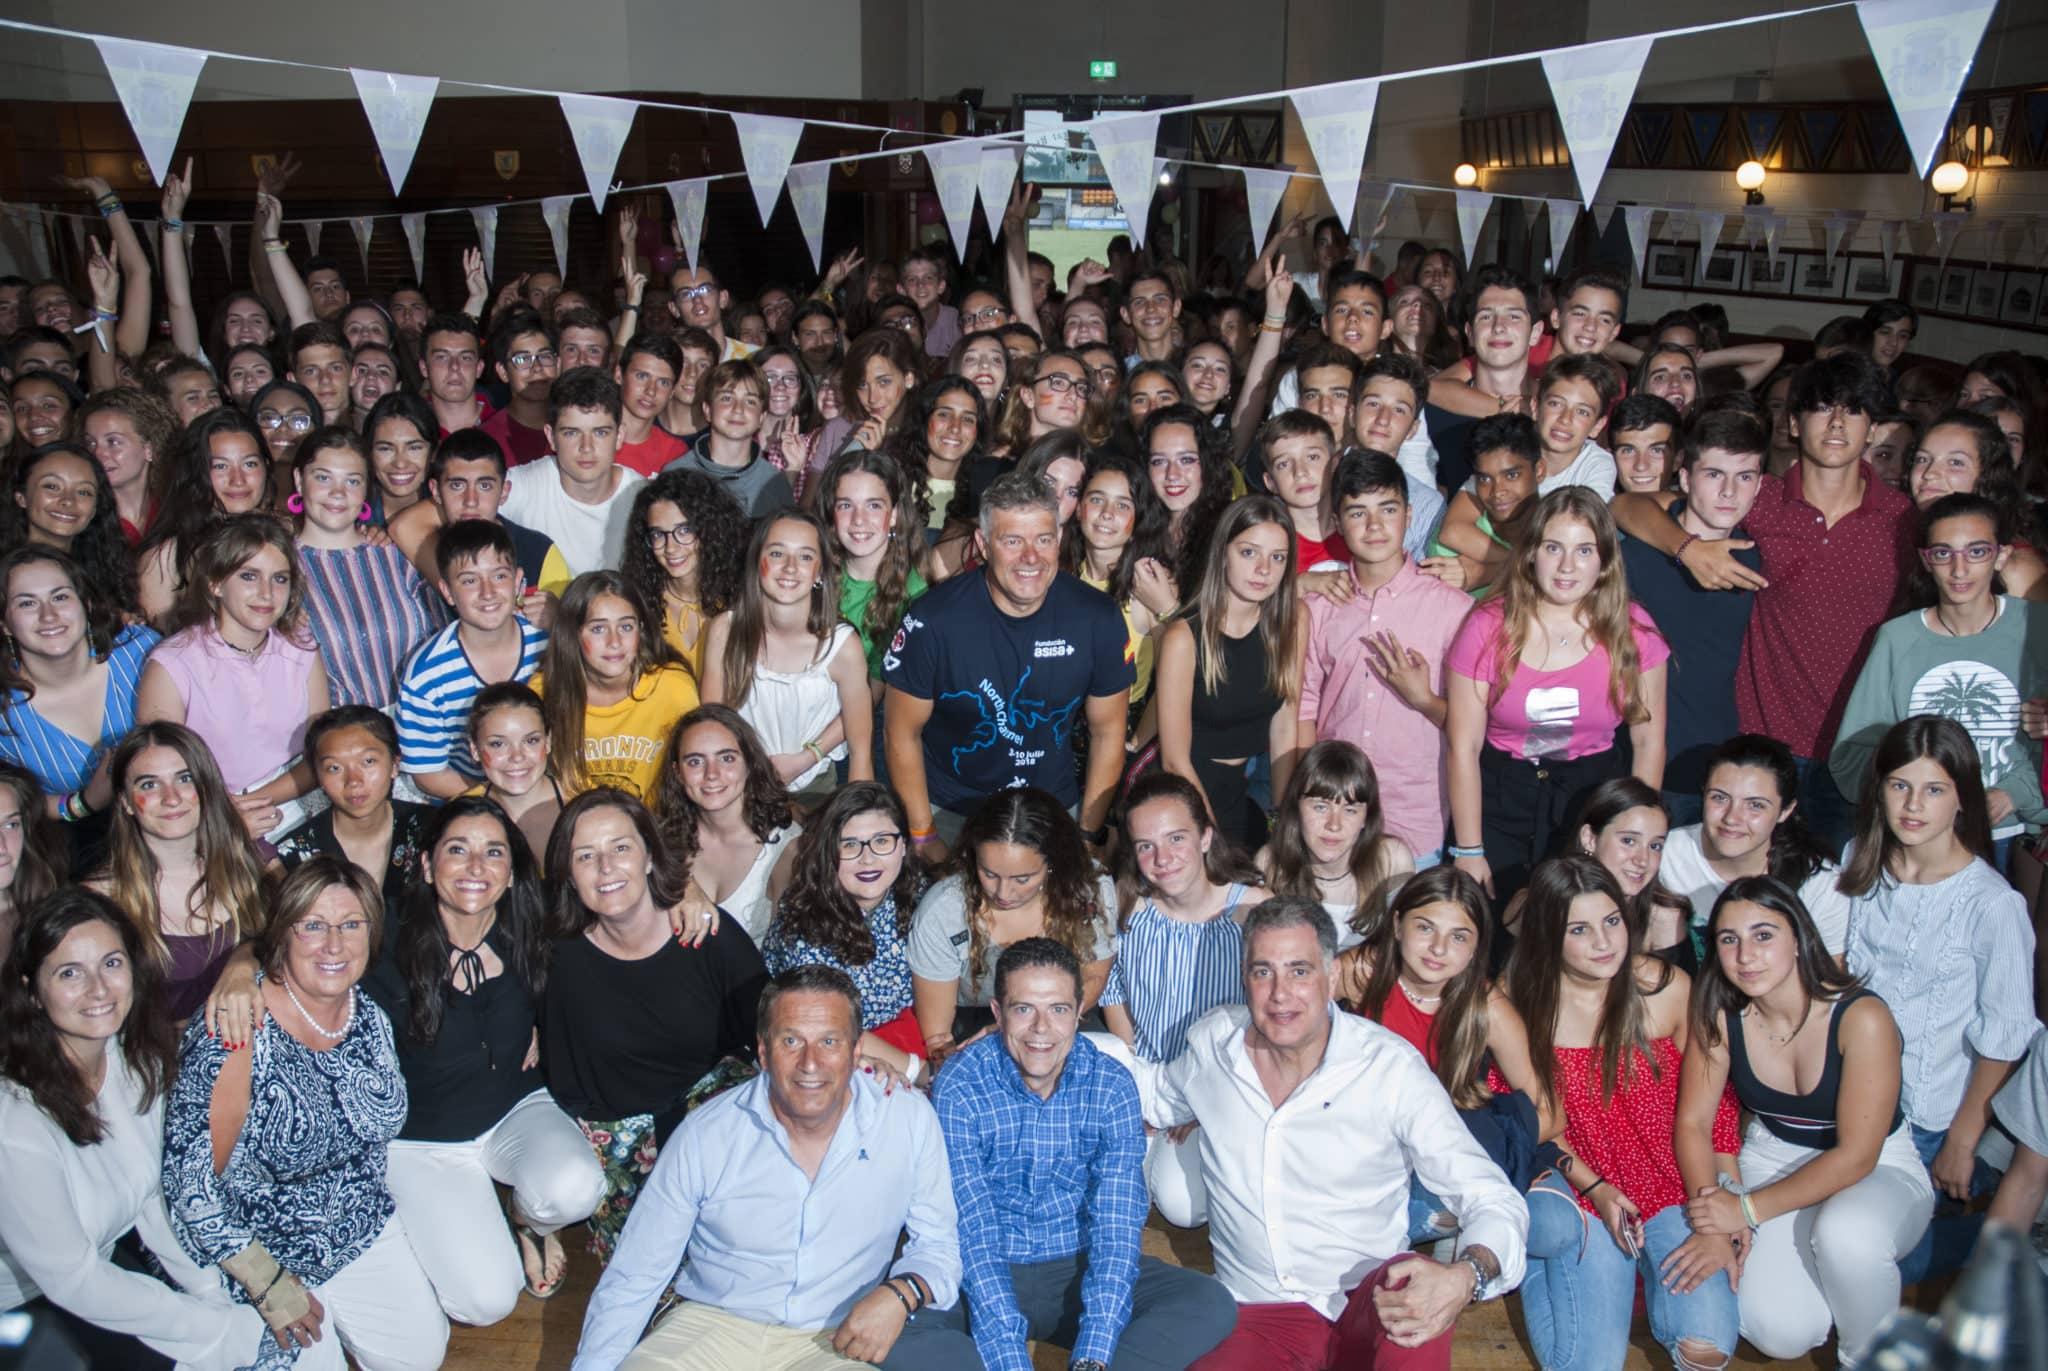 https://blog.globalcaja.es/wp-content/uploads/2018/07/Irlanda-21.jpg